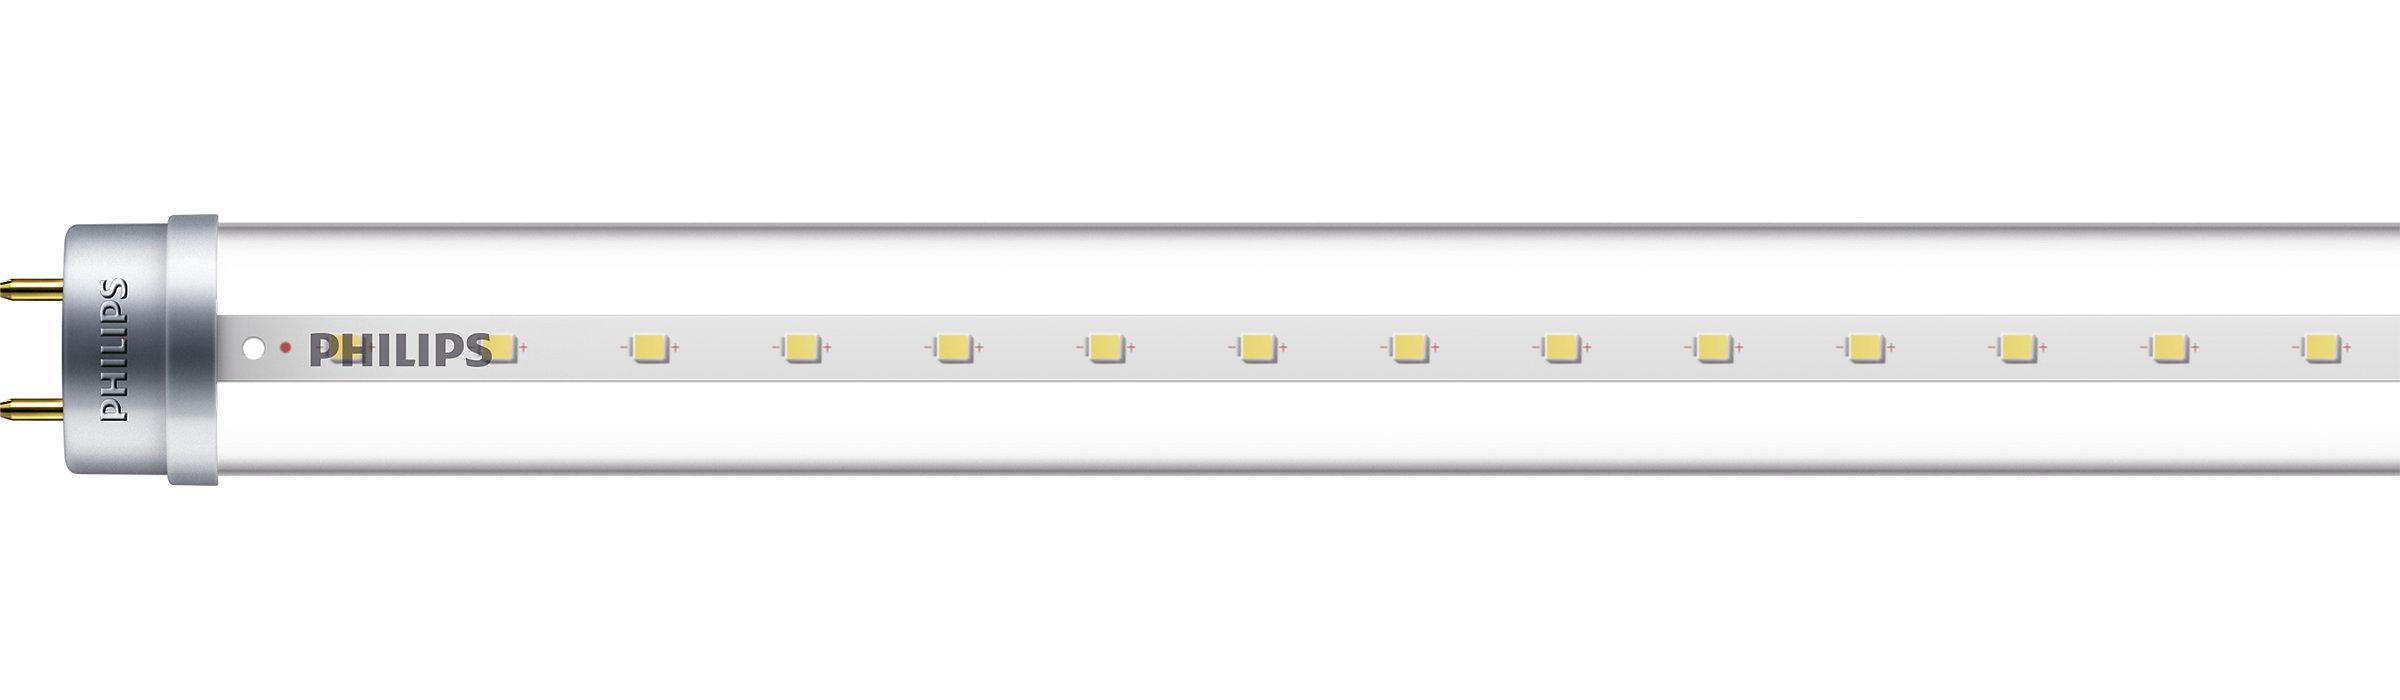 The affordable LEDTube T8 solution